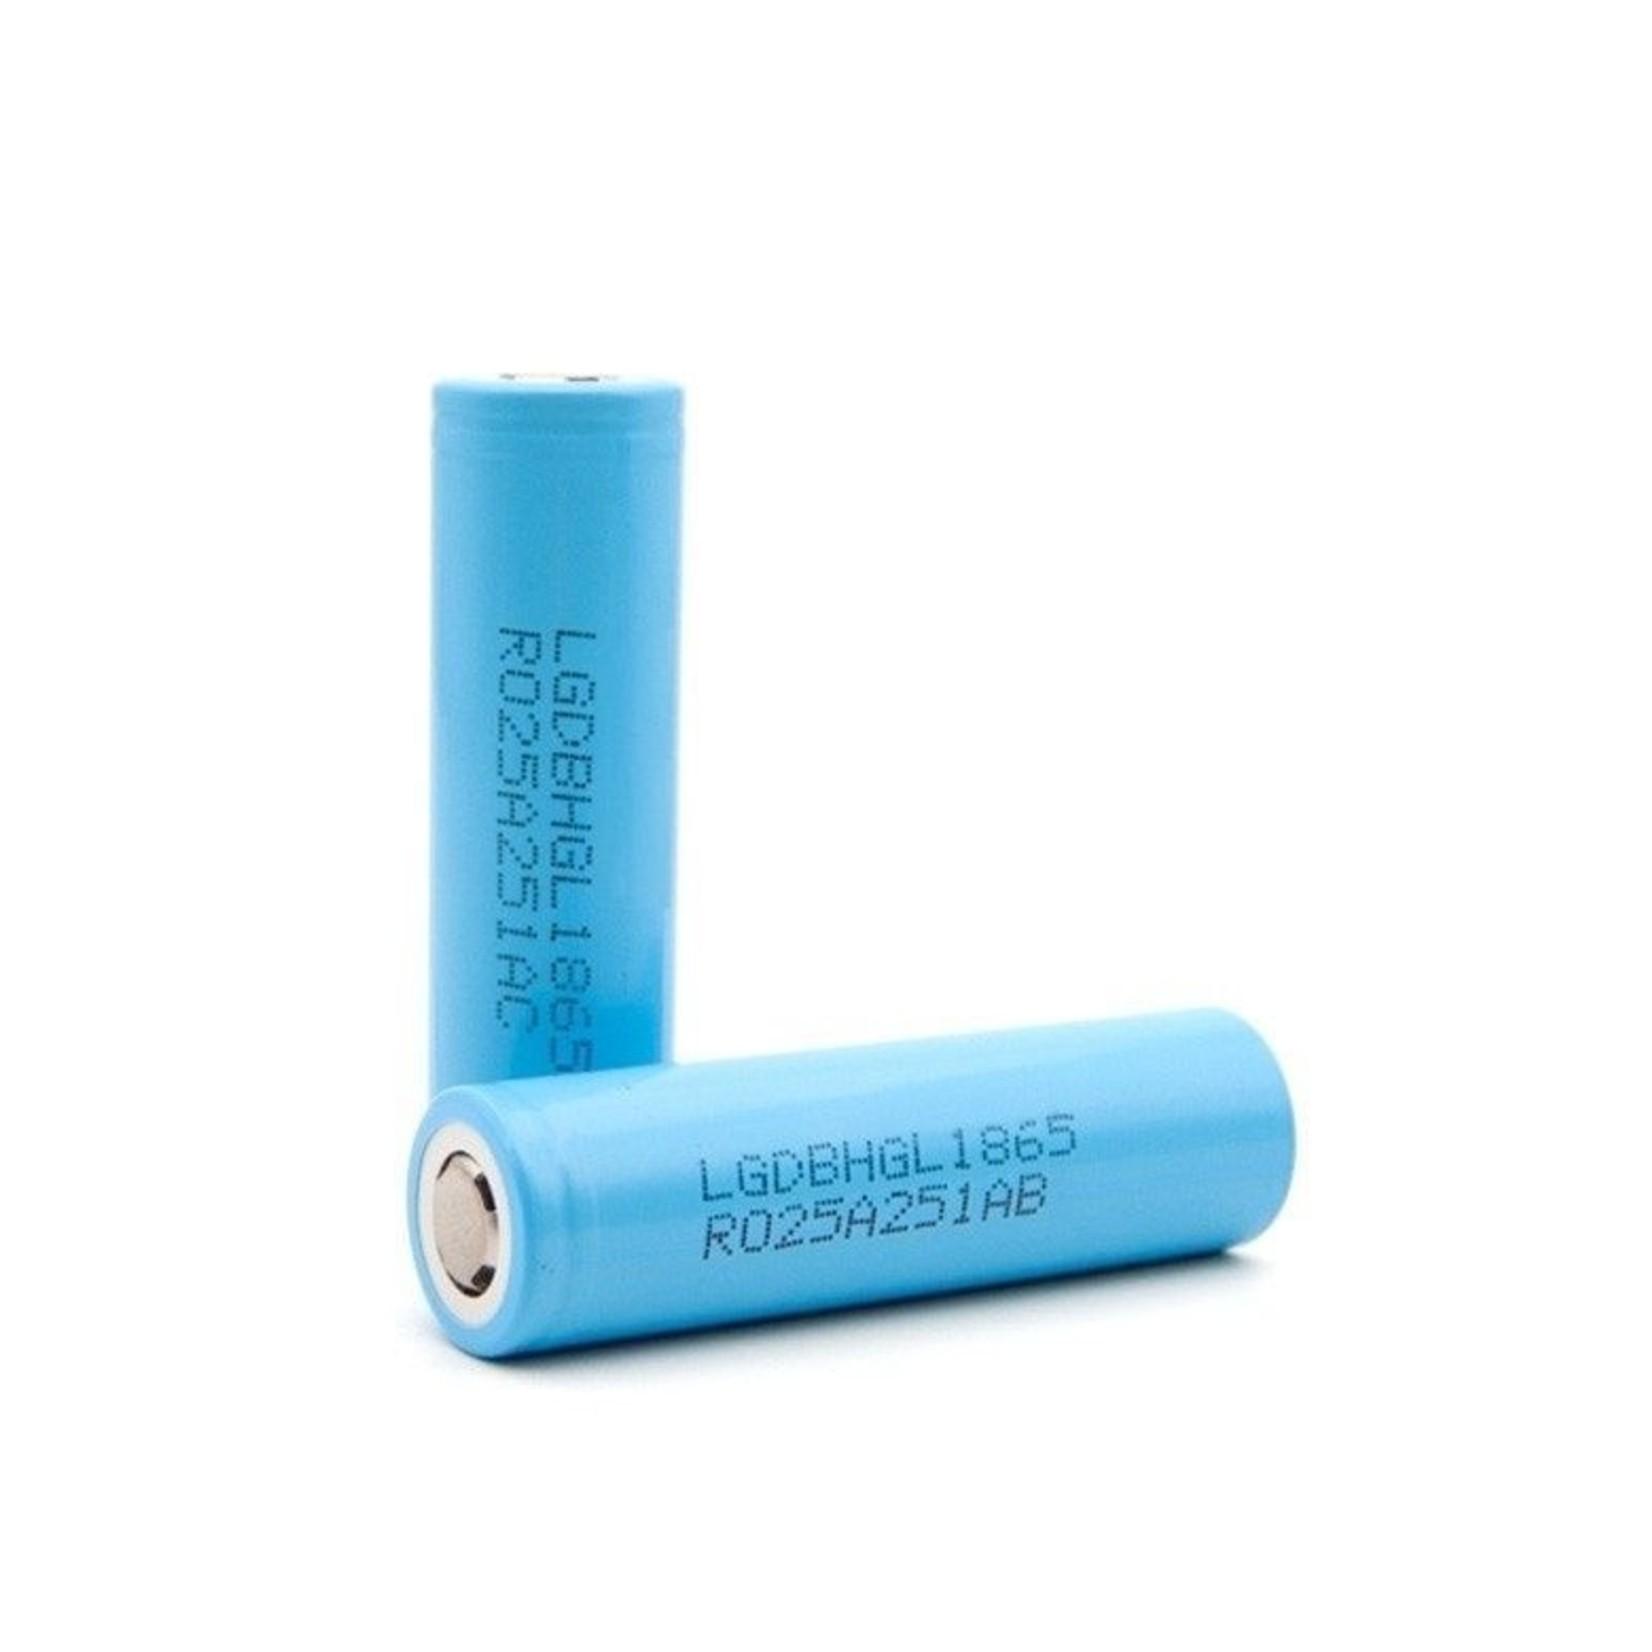 Industriebatterie LG HG2L, 18650, Flat Top